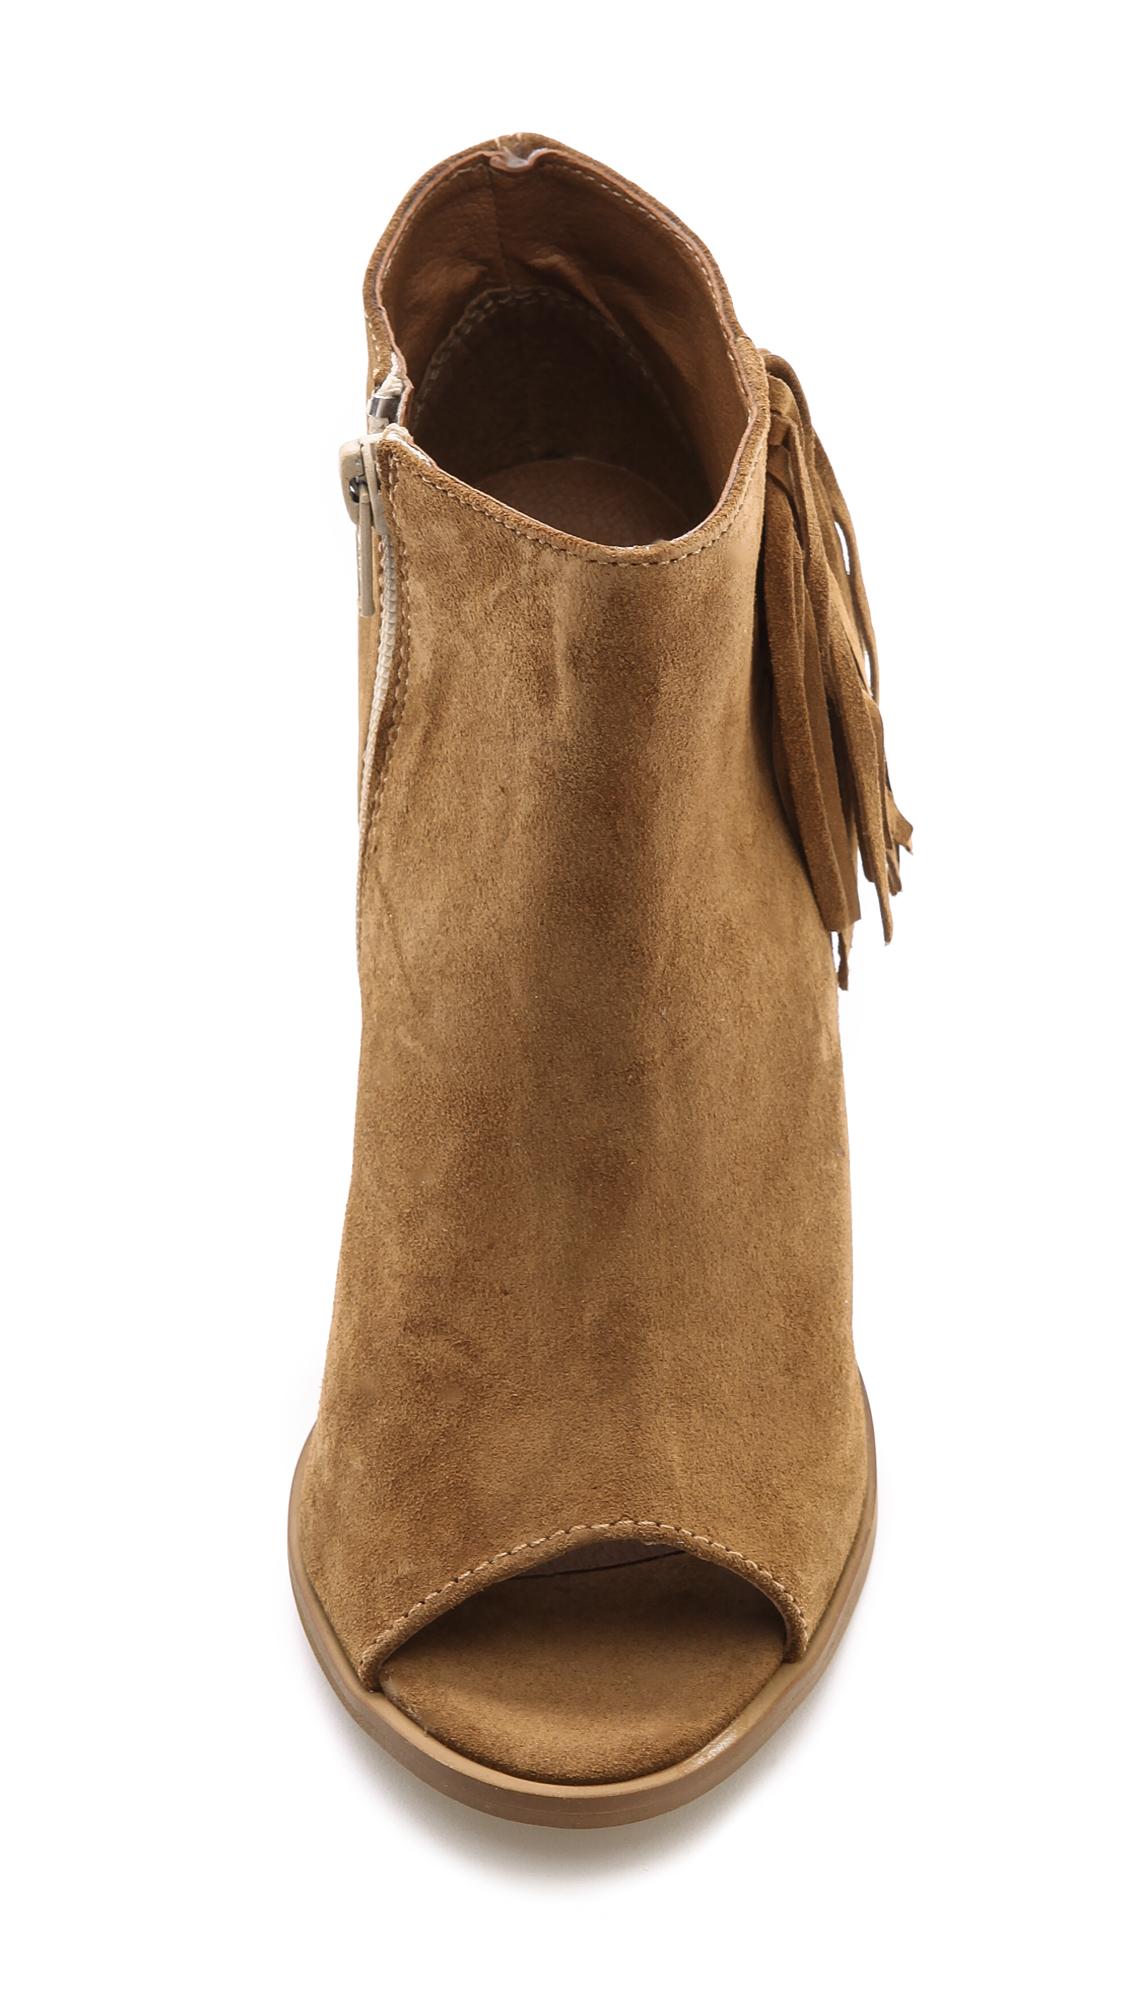 Carvela Kurt Geiger Shoe Sizes